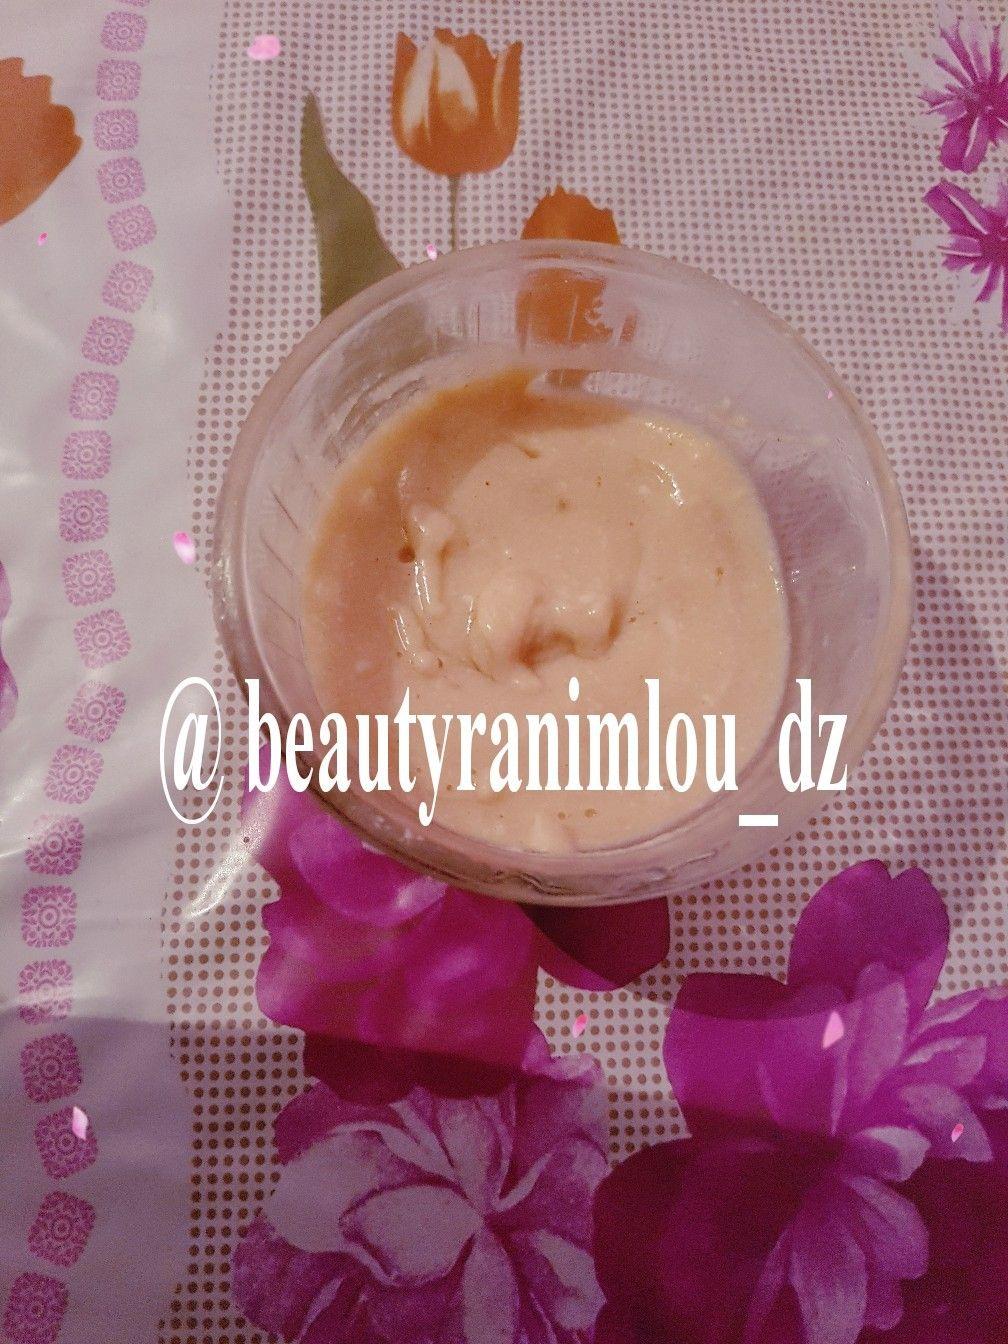 خلطة صابونية فعالة في تبيض صابون الحجرة مبشور ماء الورد عسل حر تذوب الصابون مع ماء الورد ثم نضيف العسل ونمزج جيدا المكونات ونطبقوها على Food Desserts Pudding